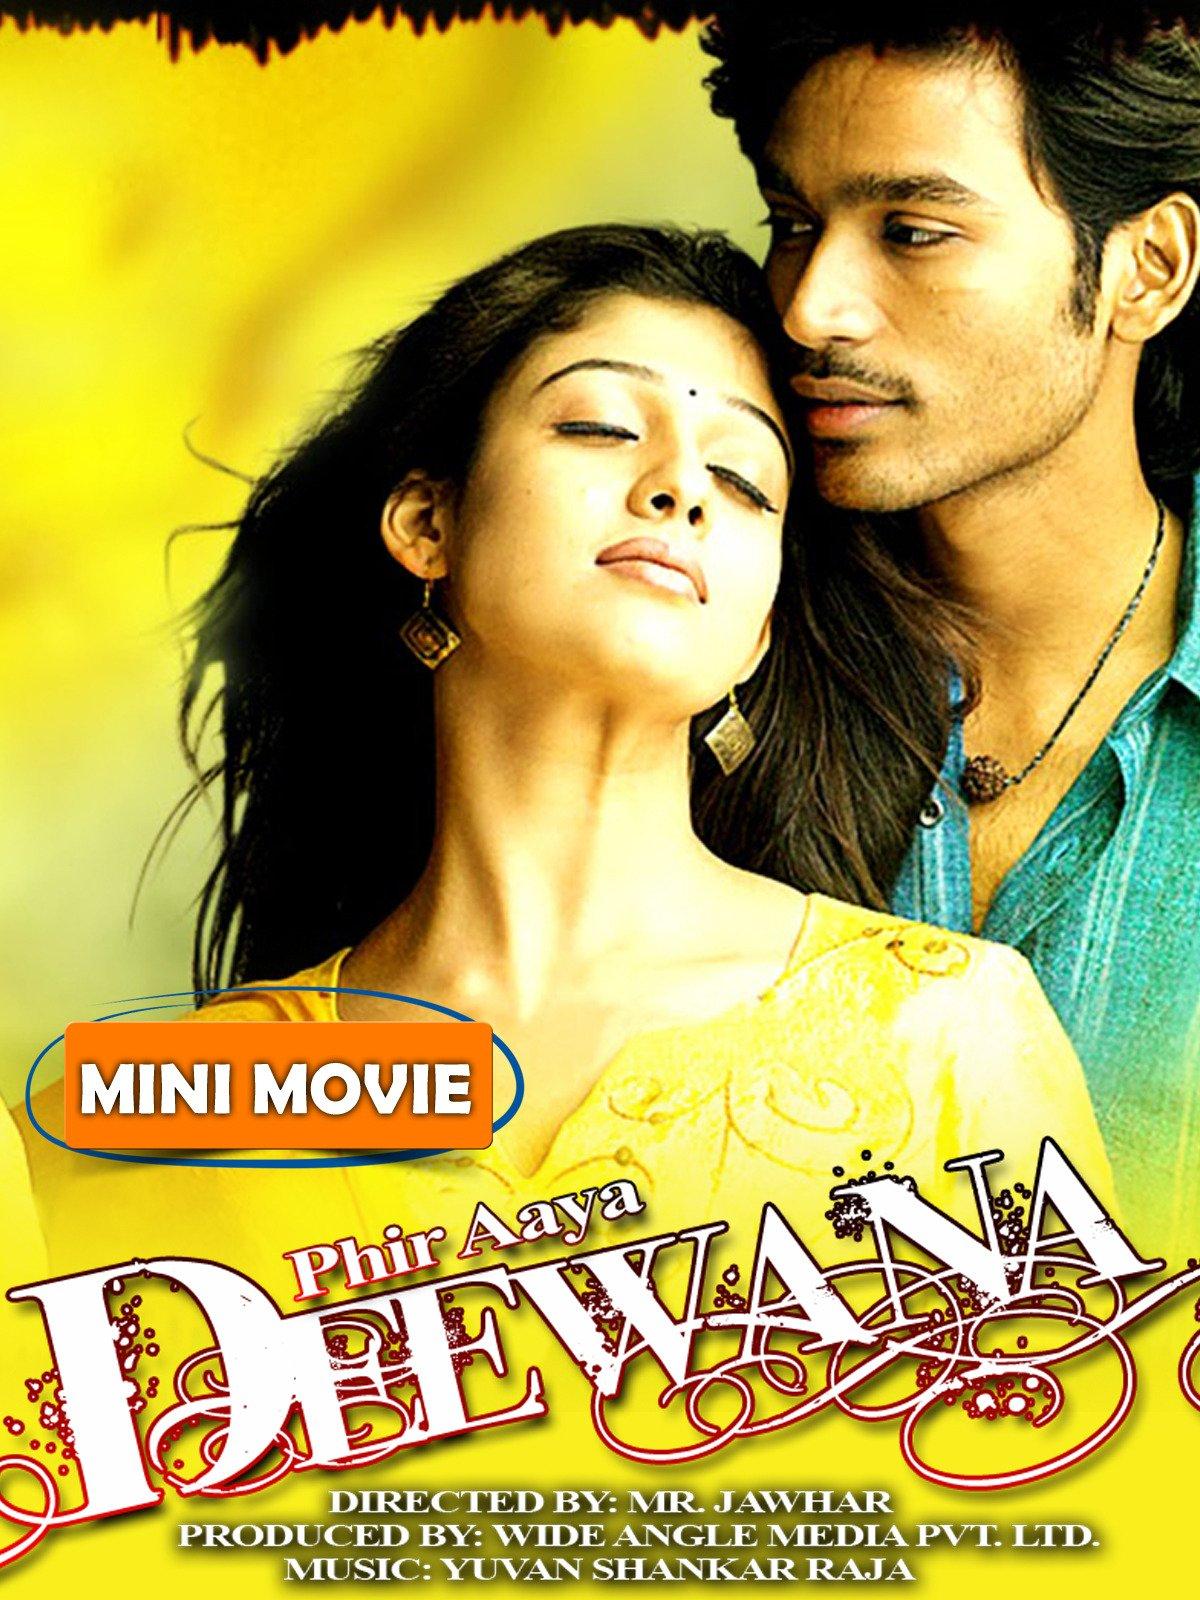 Phir Aaya Deewana